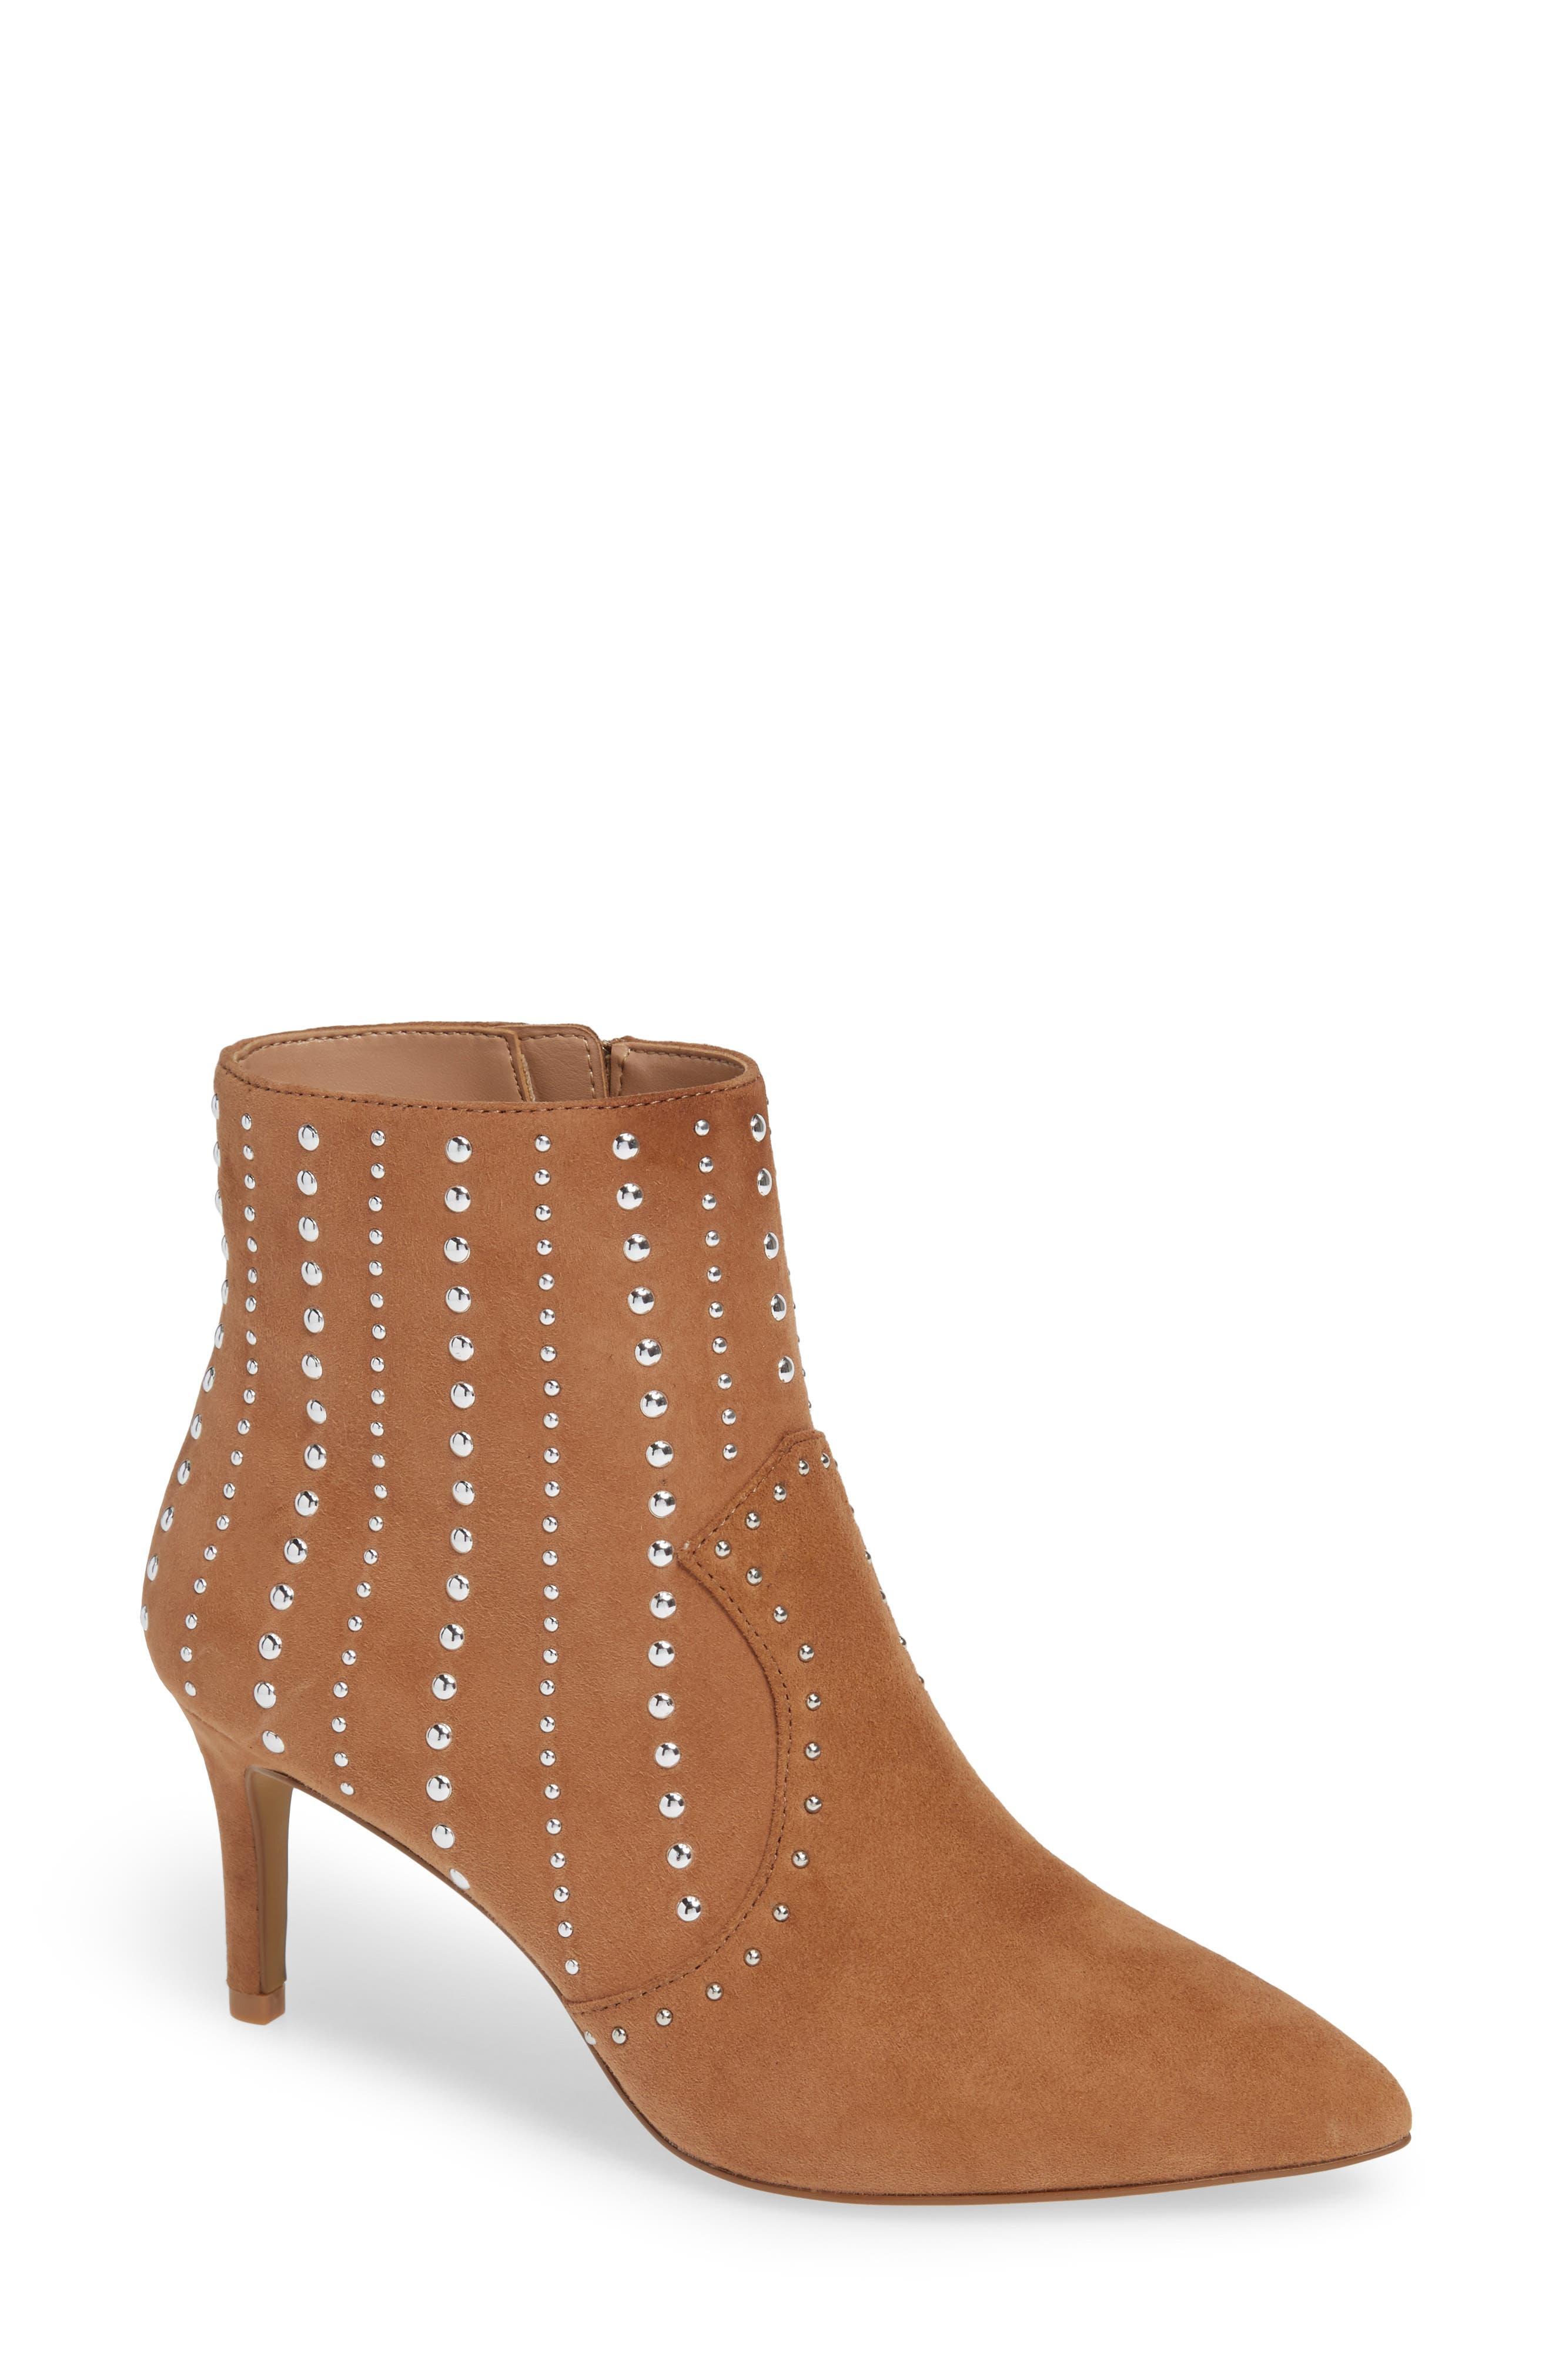 99667a101af kensie boots